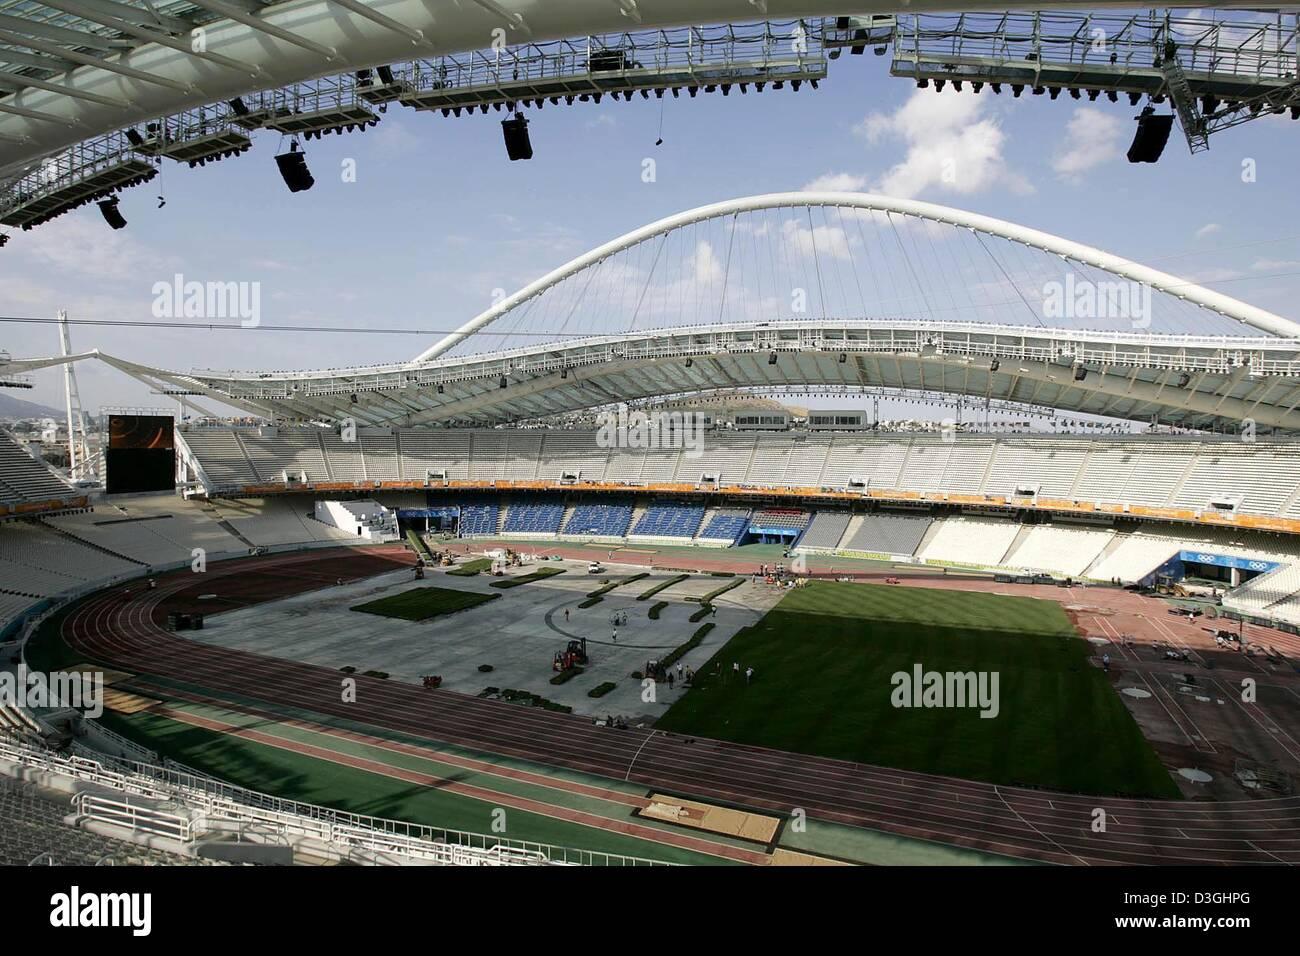 (Dpa) - berührt am frühen Morgen, die Sonne einen tiefen Schatten über den Feldbereich des Olympiastadions in Athen, Stockfoto